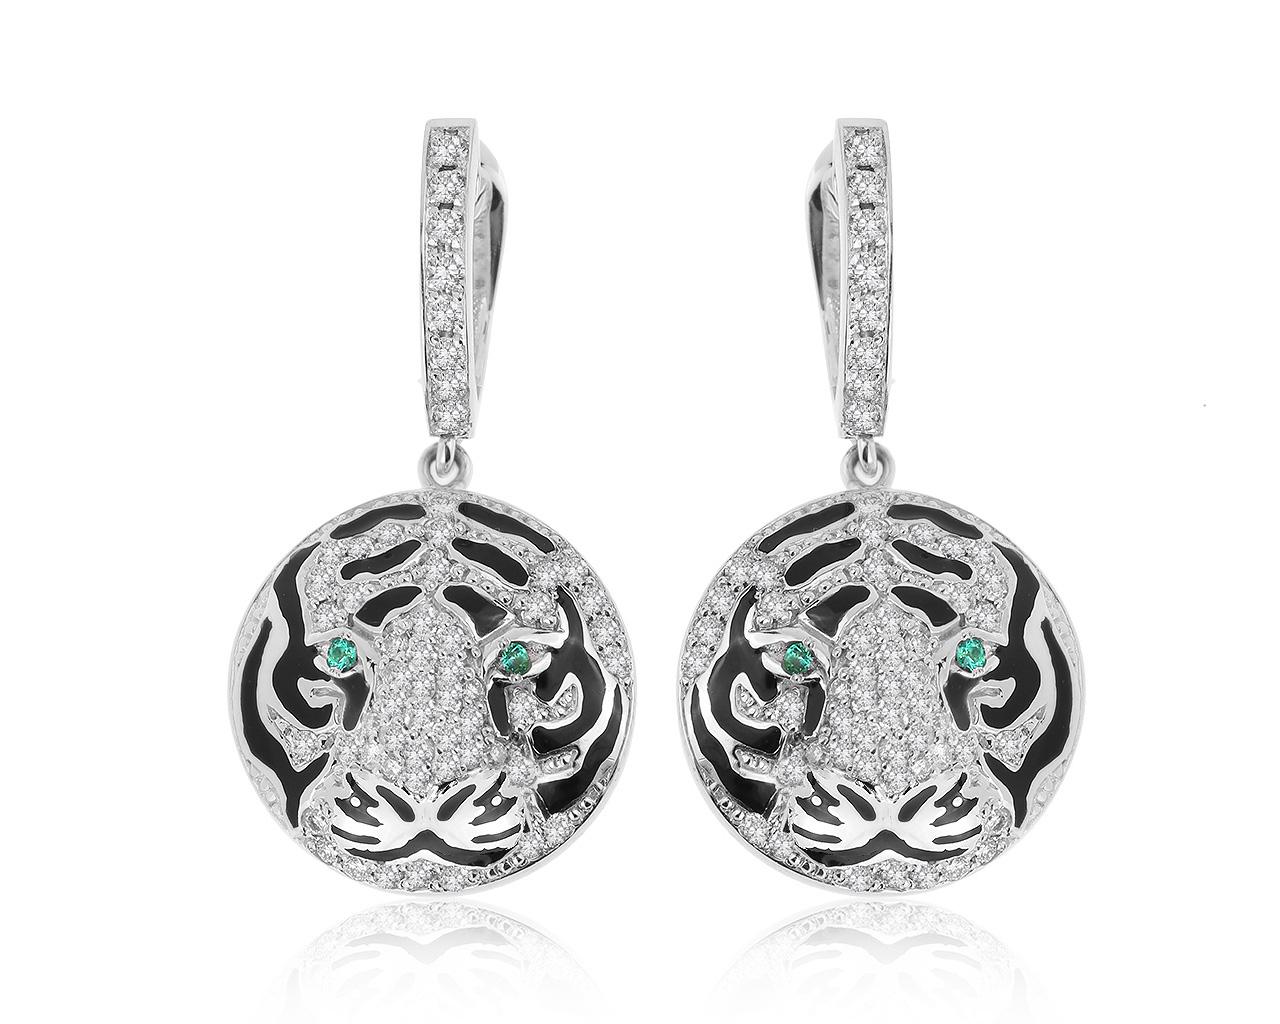 Завораживающие золотые серьги с бриллиантами 1.24ct купить в интернет-магазине Mister Diamond, цена 154 500 ₽